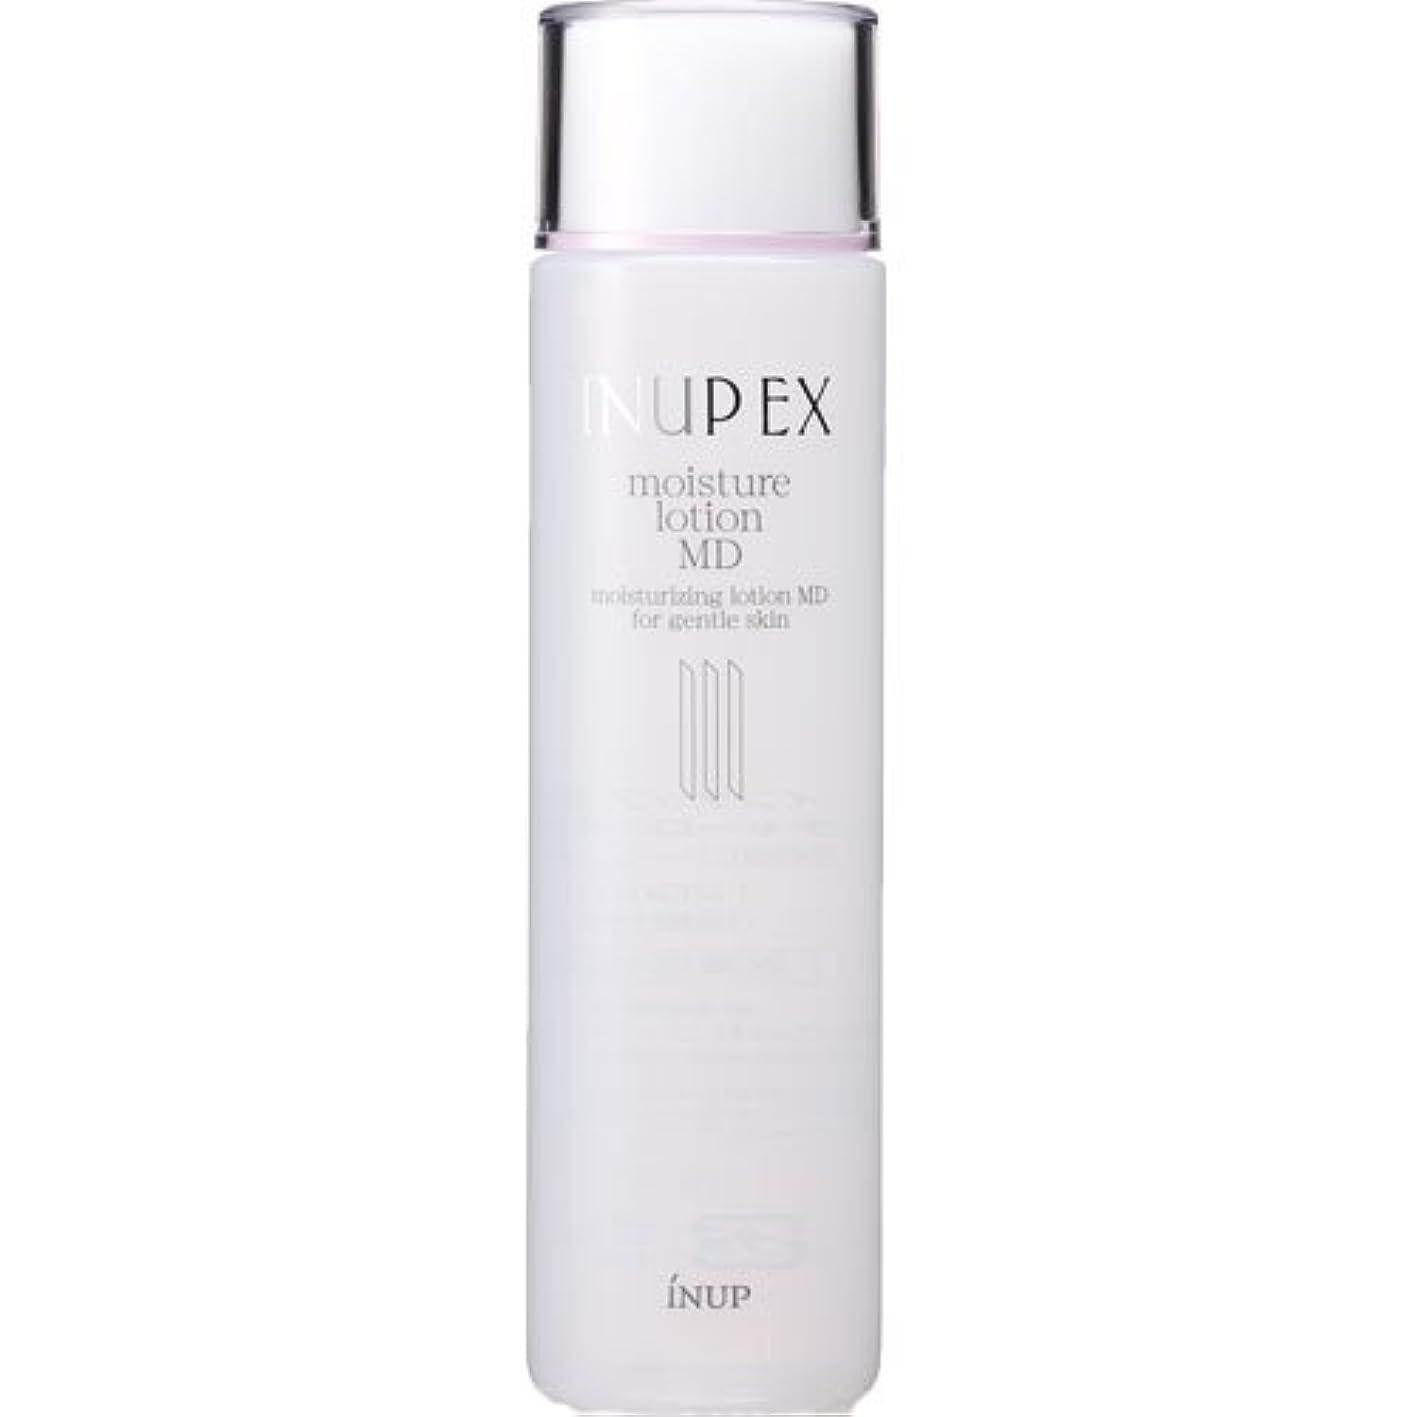 わずかな乳抑制インナップEX 保湿ローション (潤い効果アップ) モイスチャーローション MD [弱酸性] 120ml